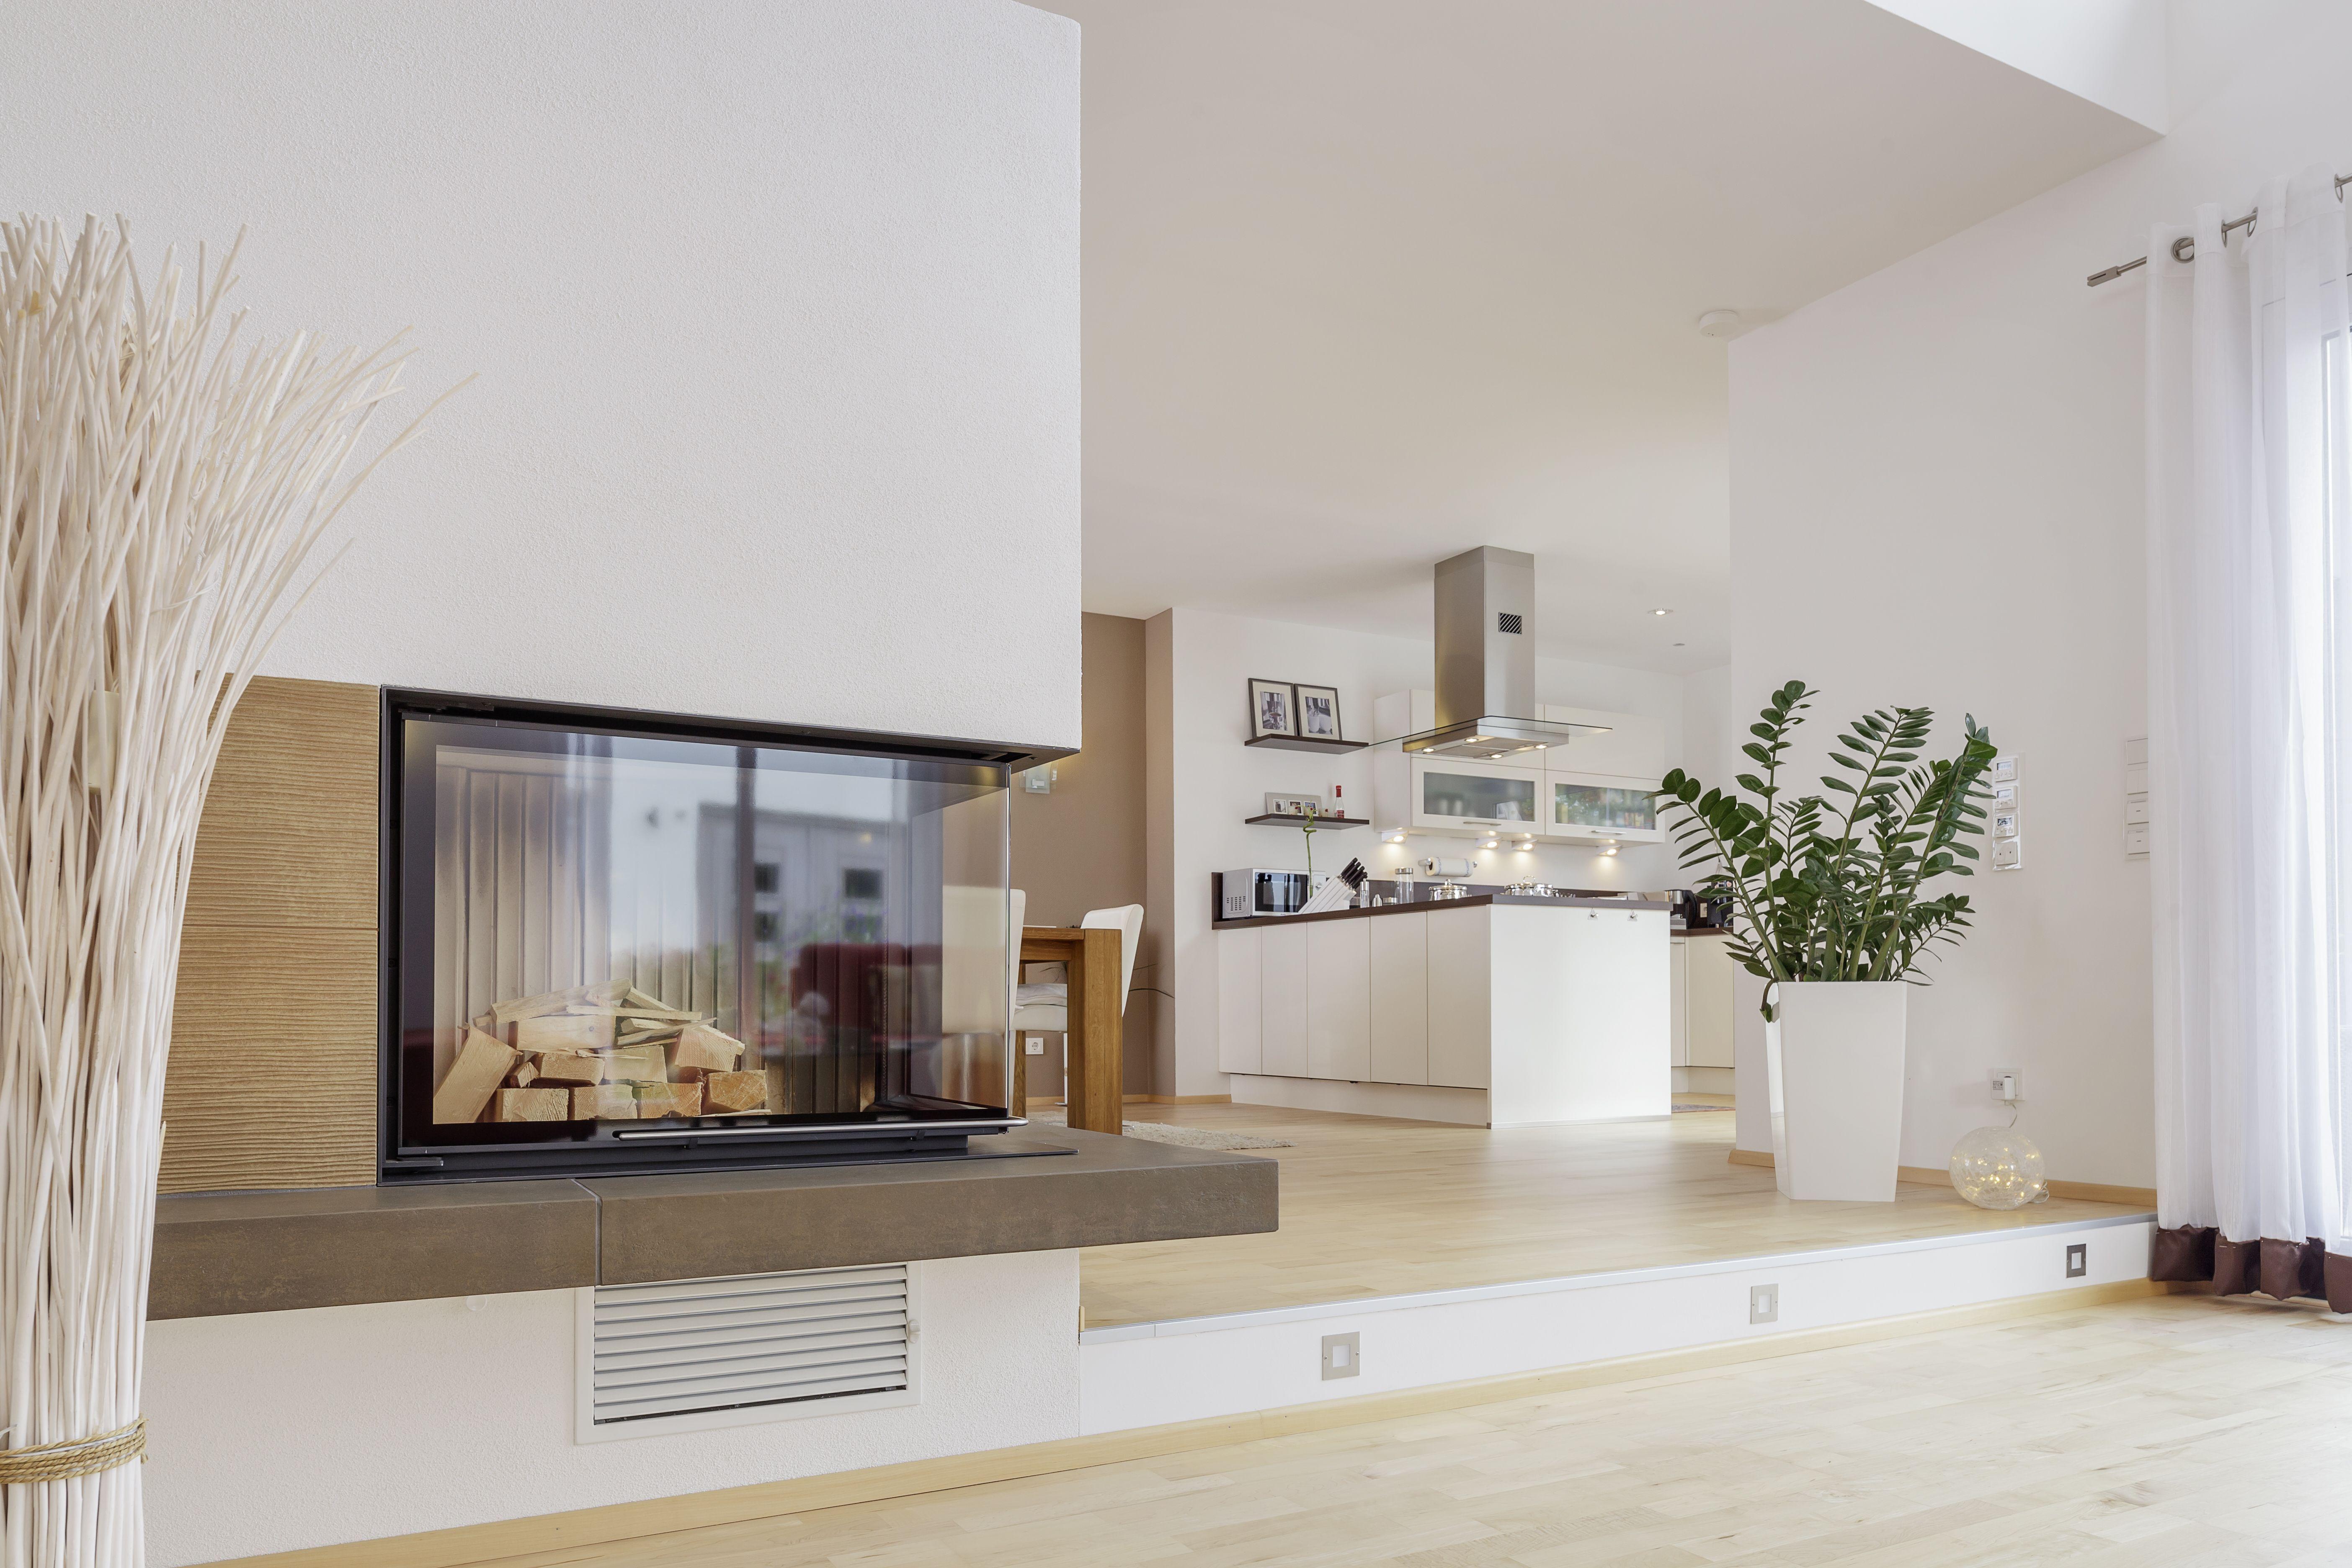 Kuche Wohnzimmer Stufe Moderni Unutarnji Kamini Living Room